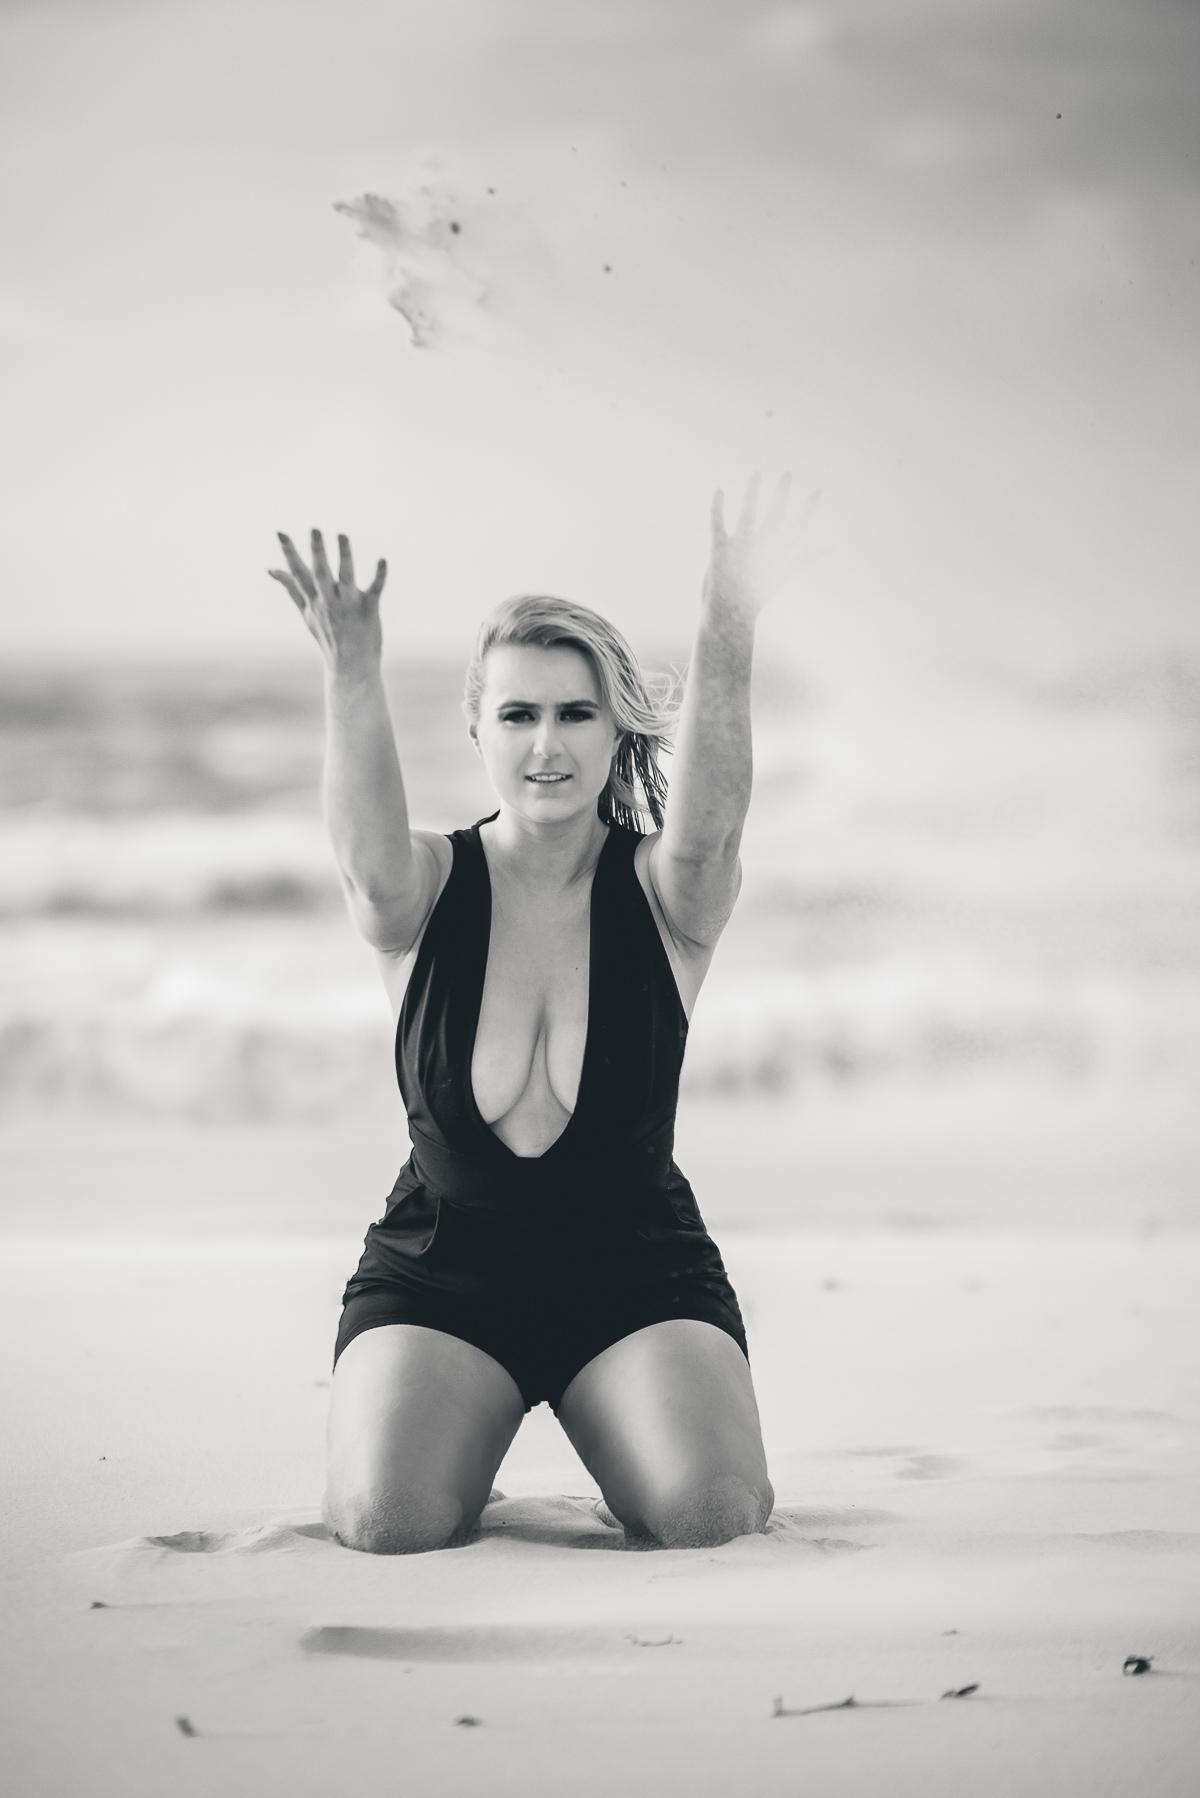 zdjecia kobieta na plaży